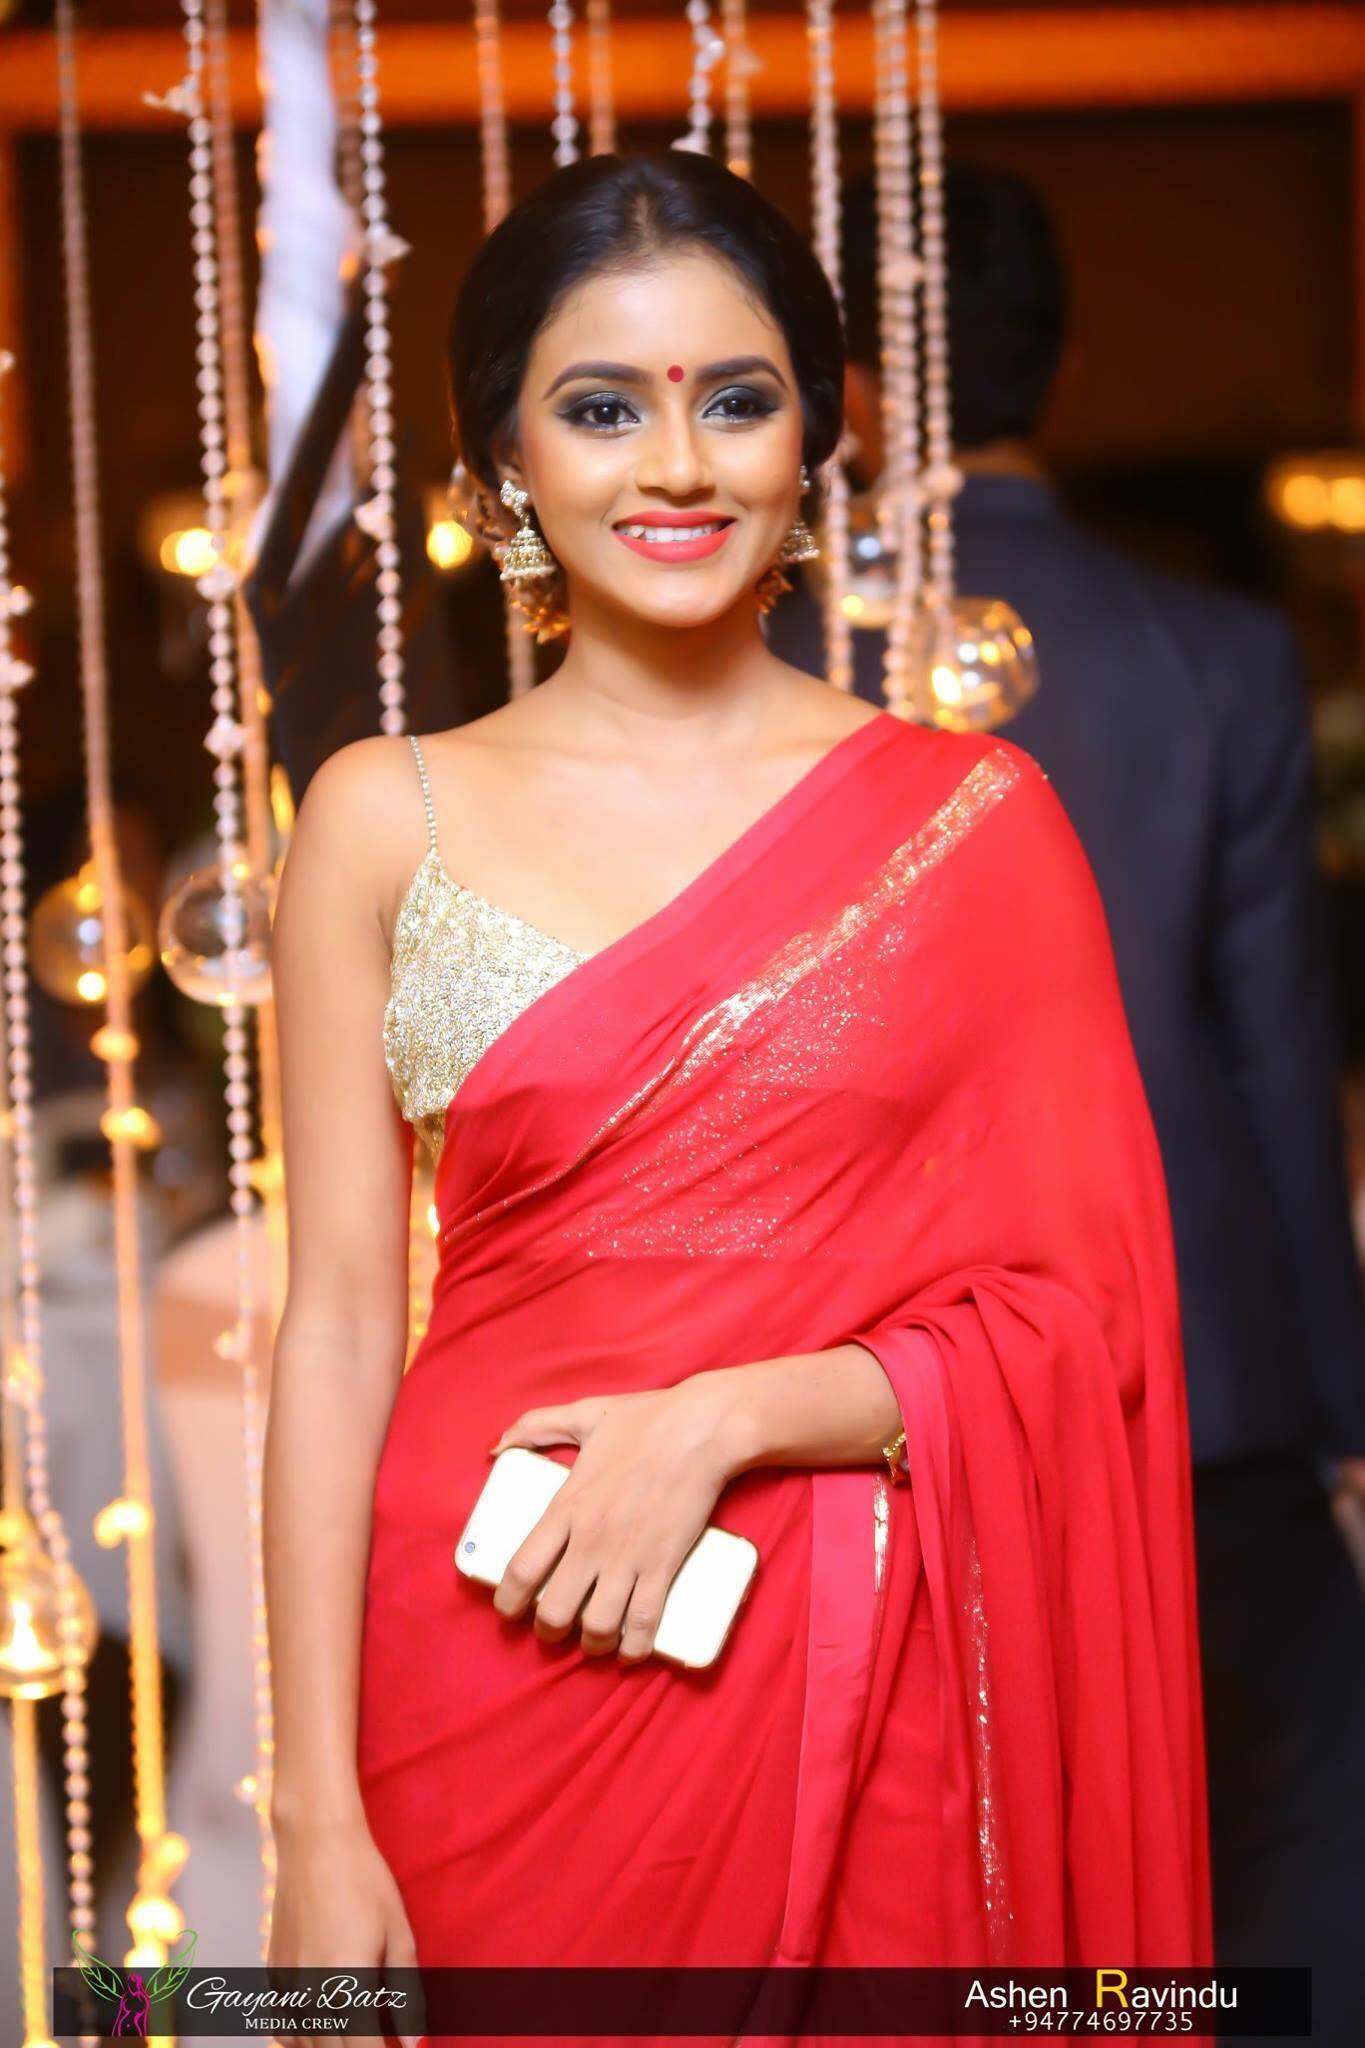 Dinakshie Priyasad Sri Lankan Actress Saree Gown Saree Blouse Red Saree Saree